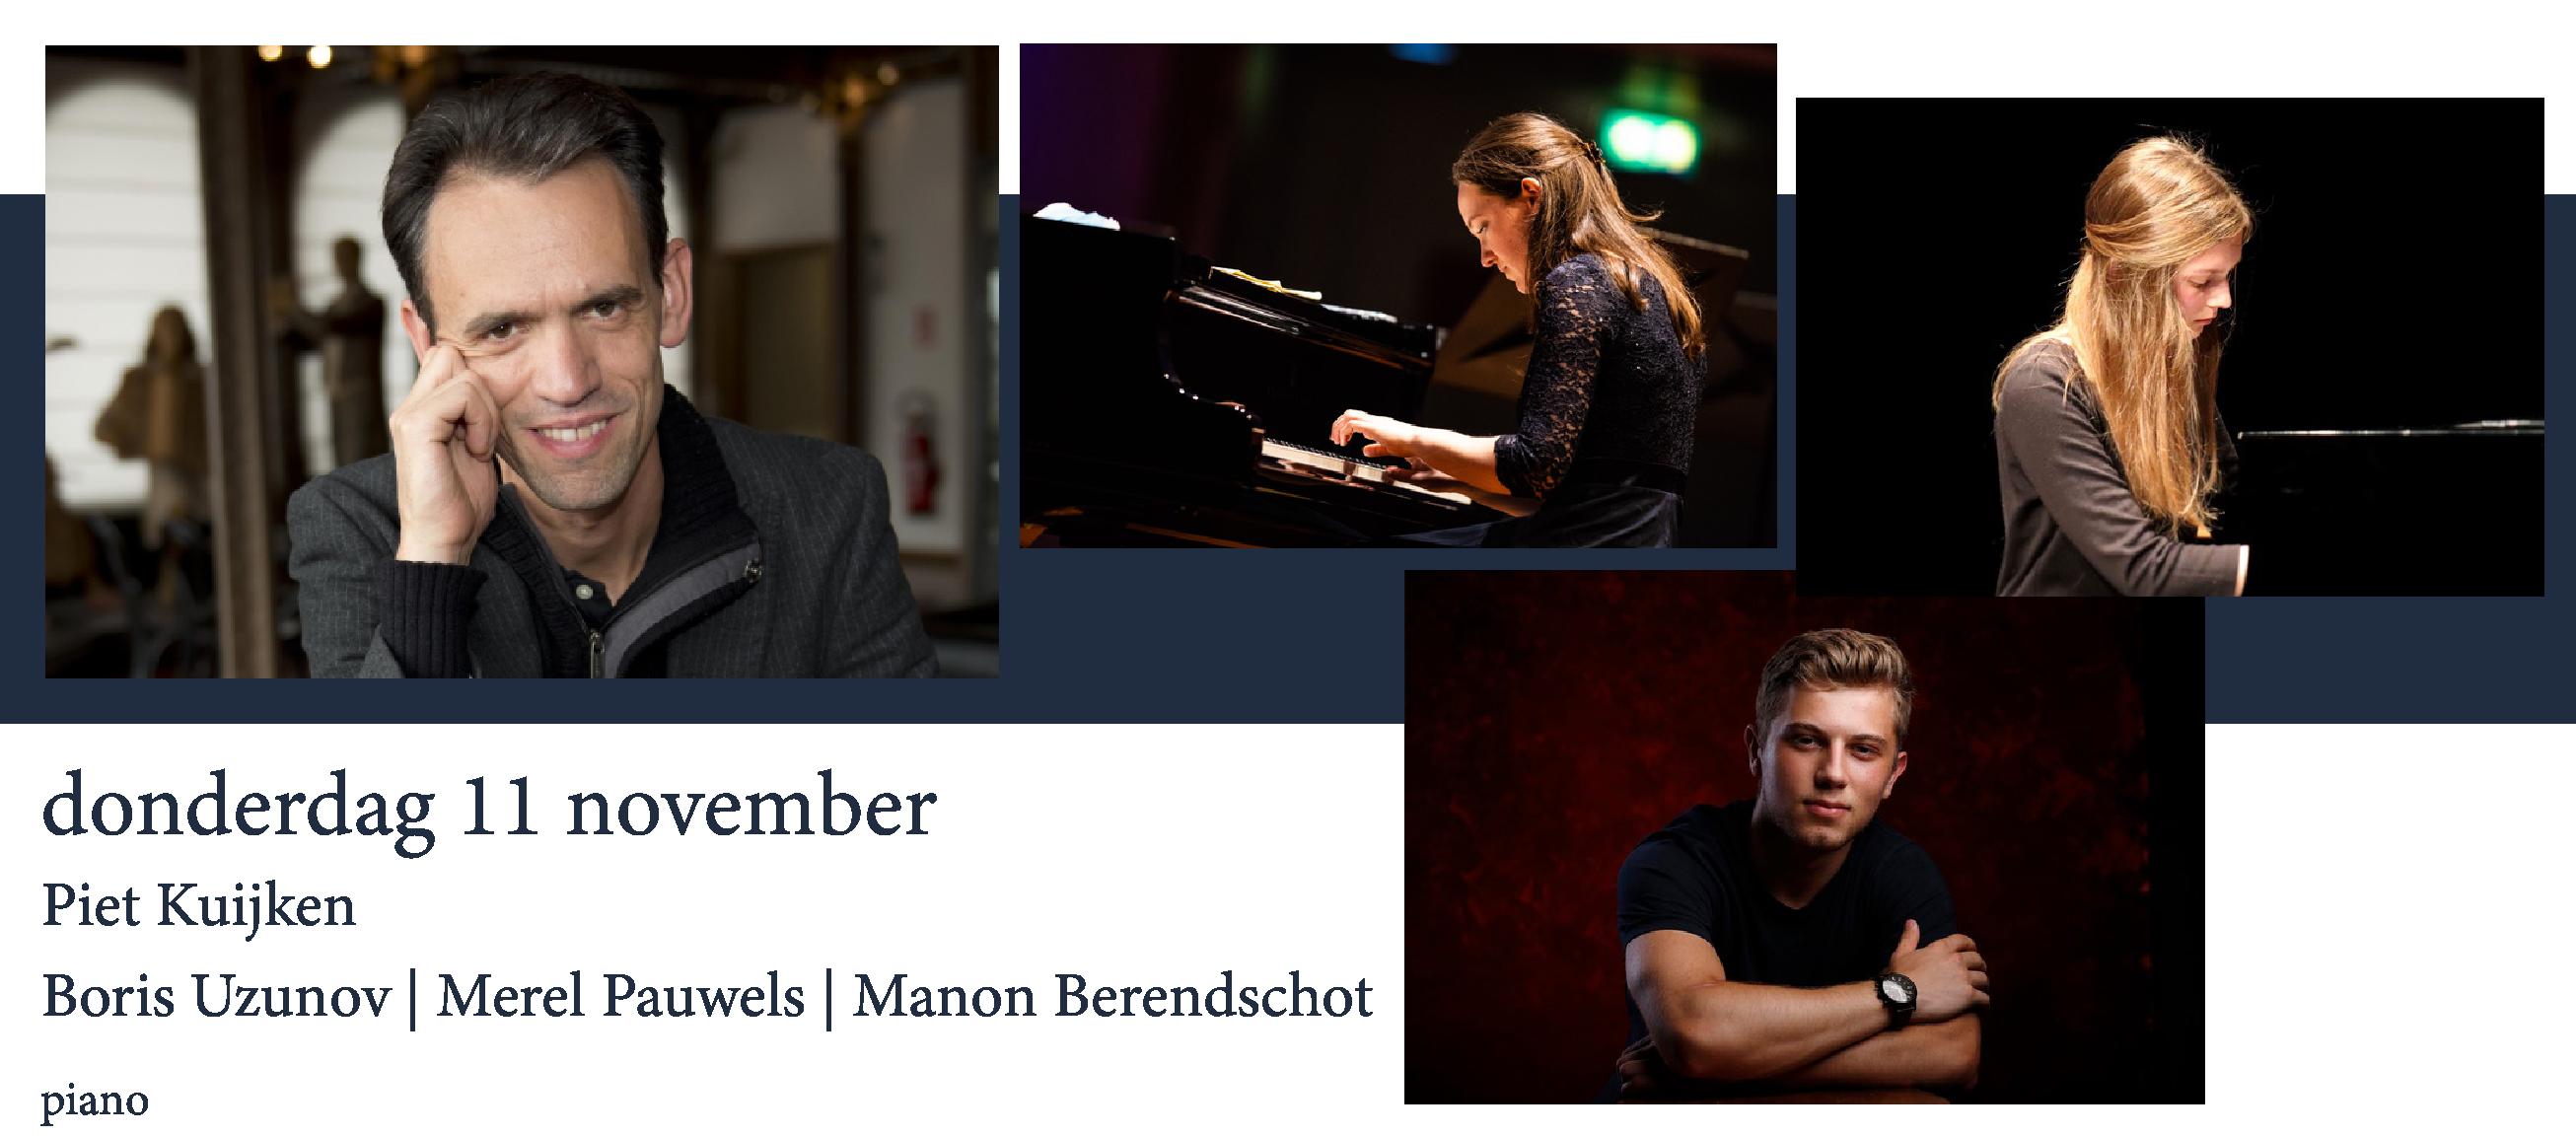 Piet Kuijken | Boris Uzunov | Merel Pauwels | Manon Berendschot